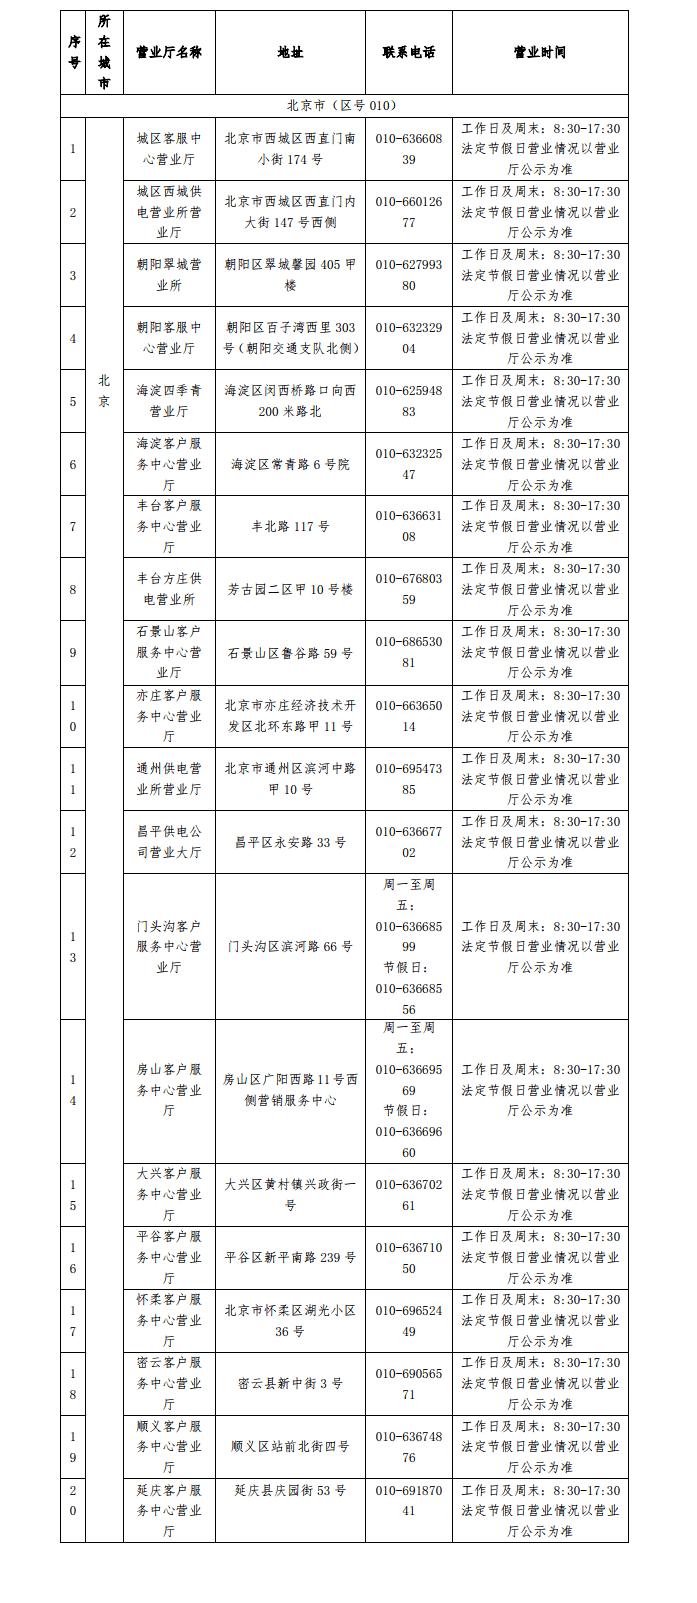 2售卡营业厅信息,以北京为例.png